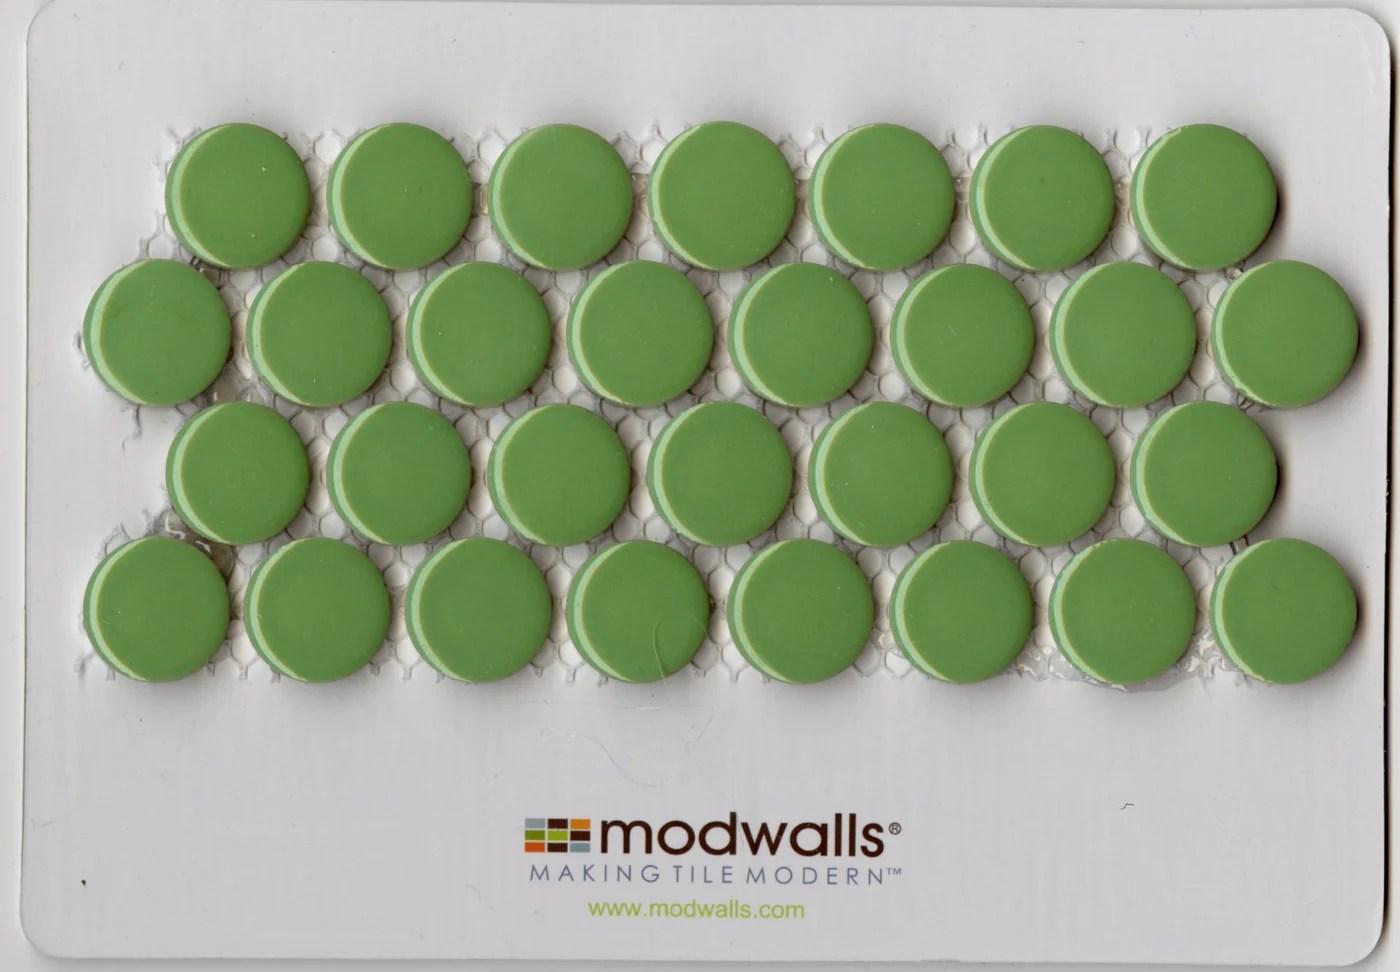 modwalls